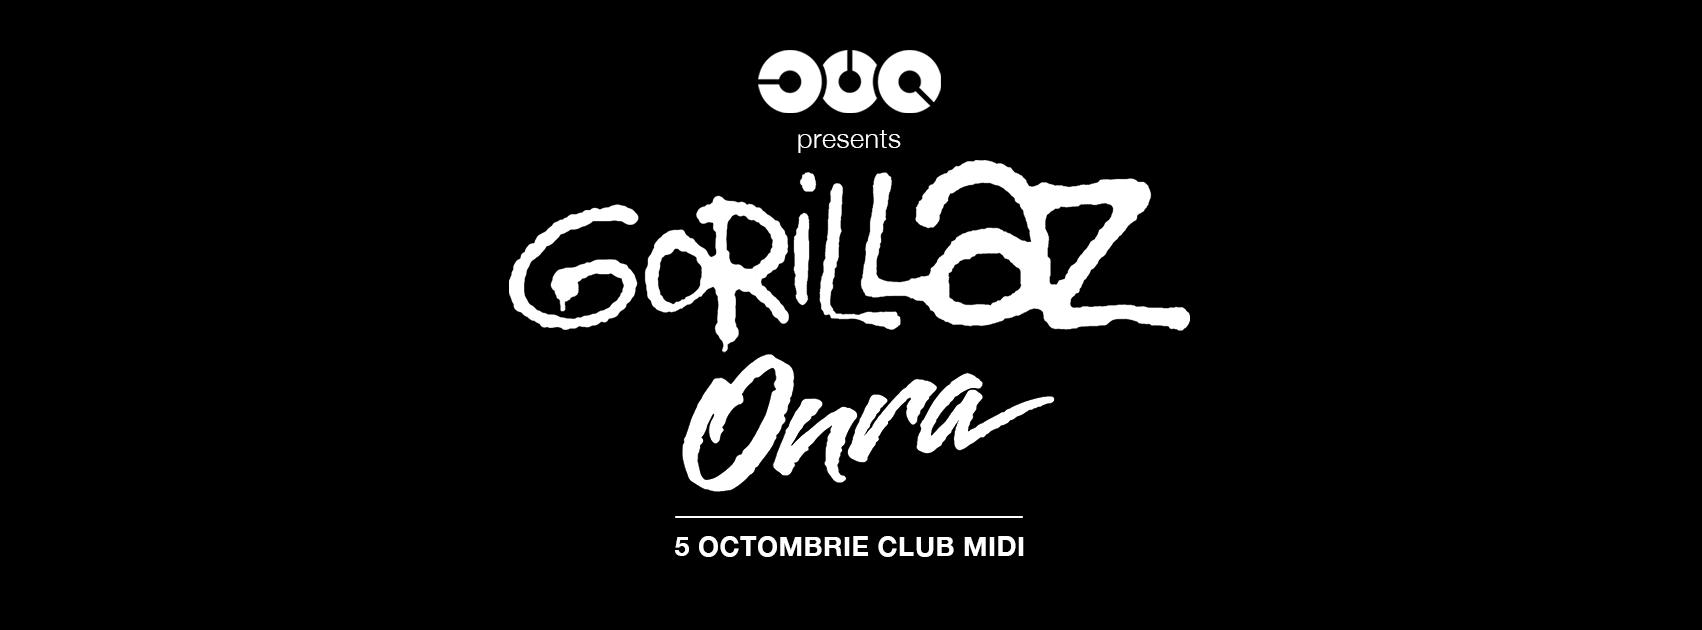 Gorillaz / Onra @ Club Midi